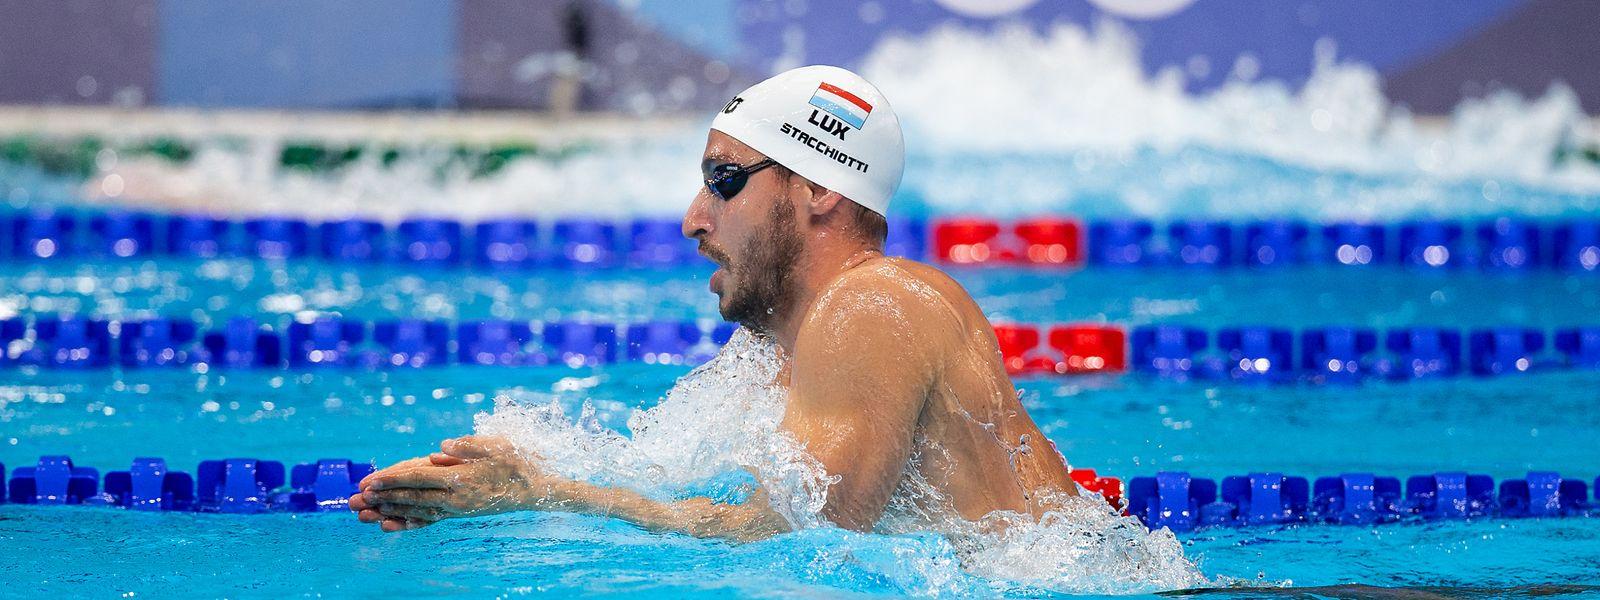 Raphaël Stacchiotti nimmt zum vierten Mal an Olympischen Spielen teil.